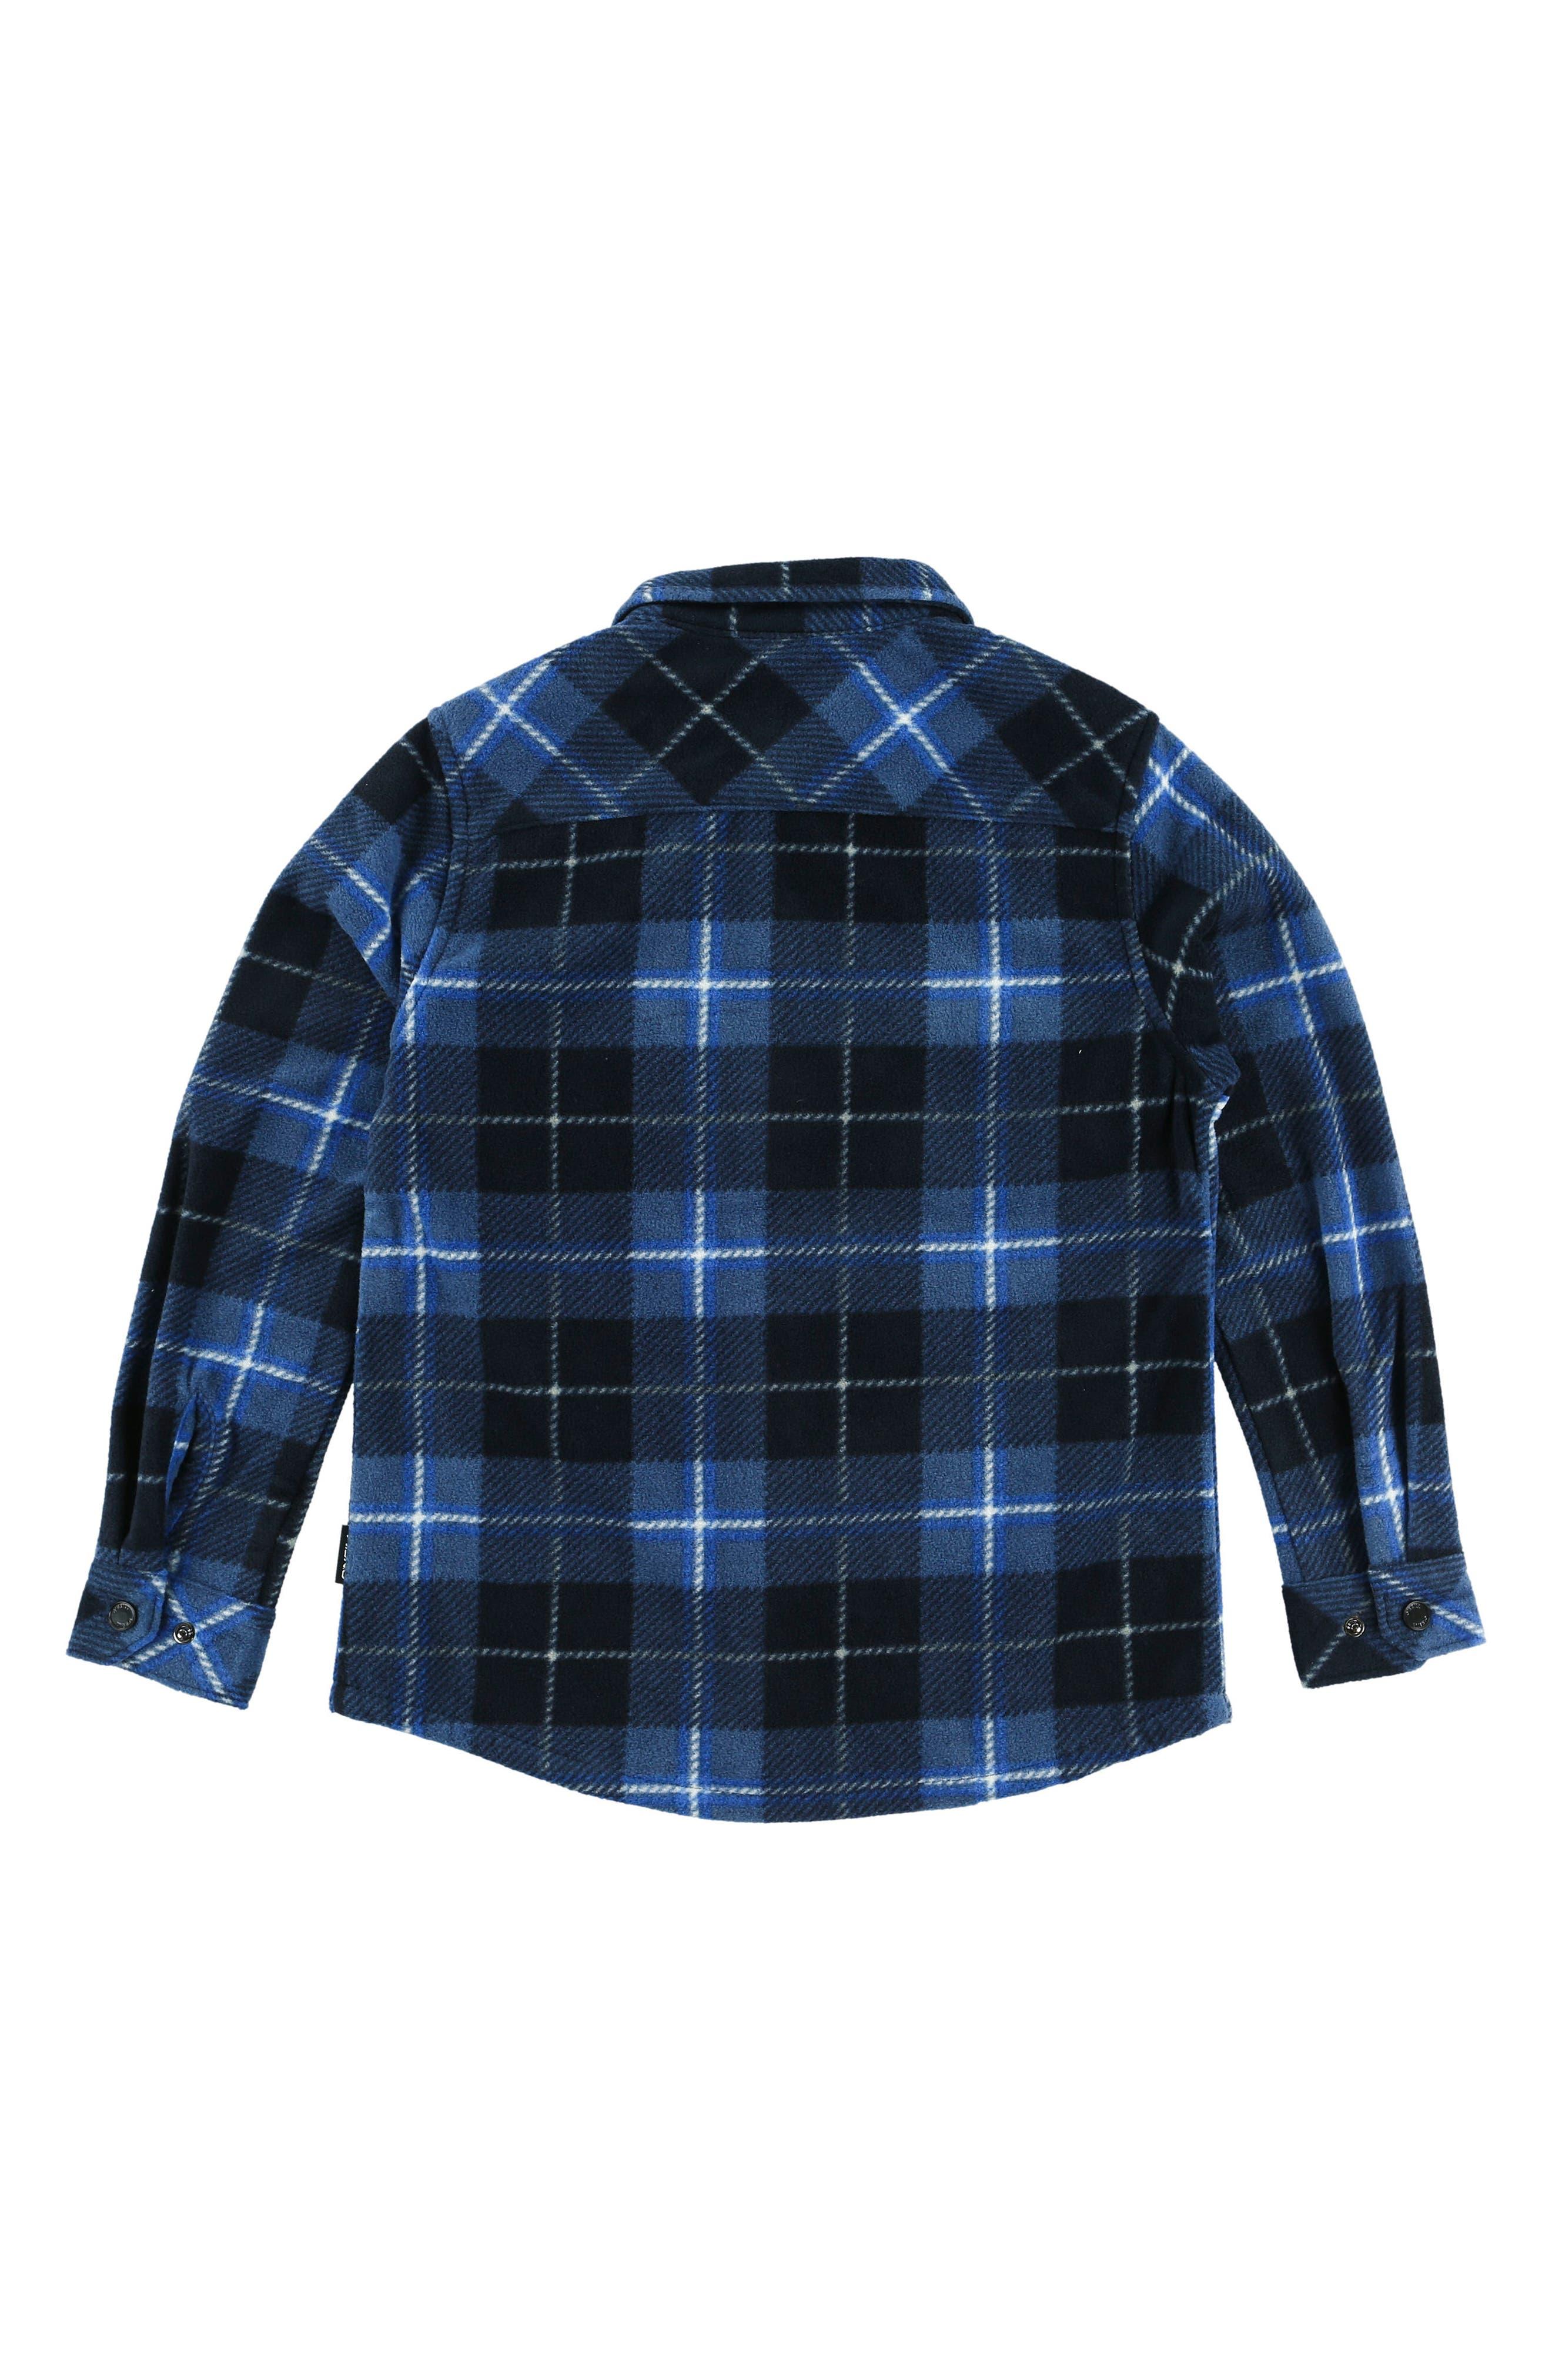 Glacier Plaid Shirt,                             Alternate thumbnail 4, color,